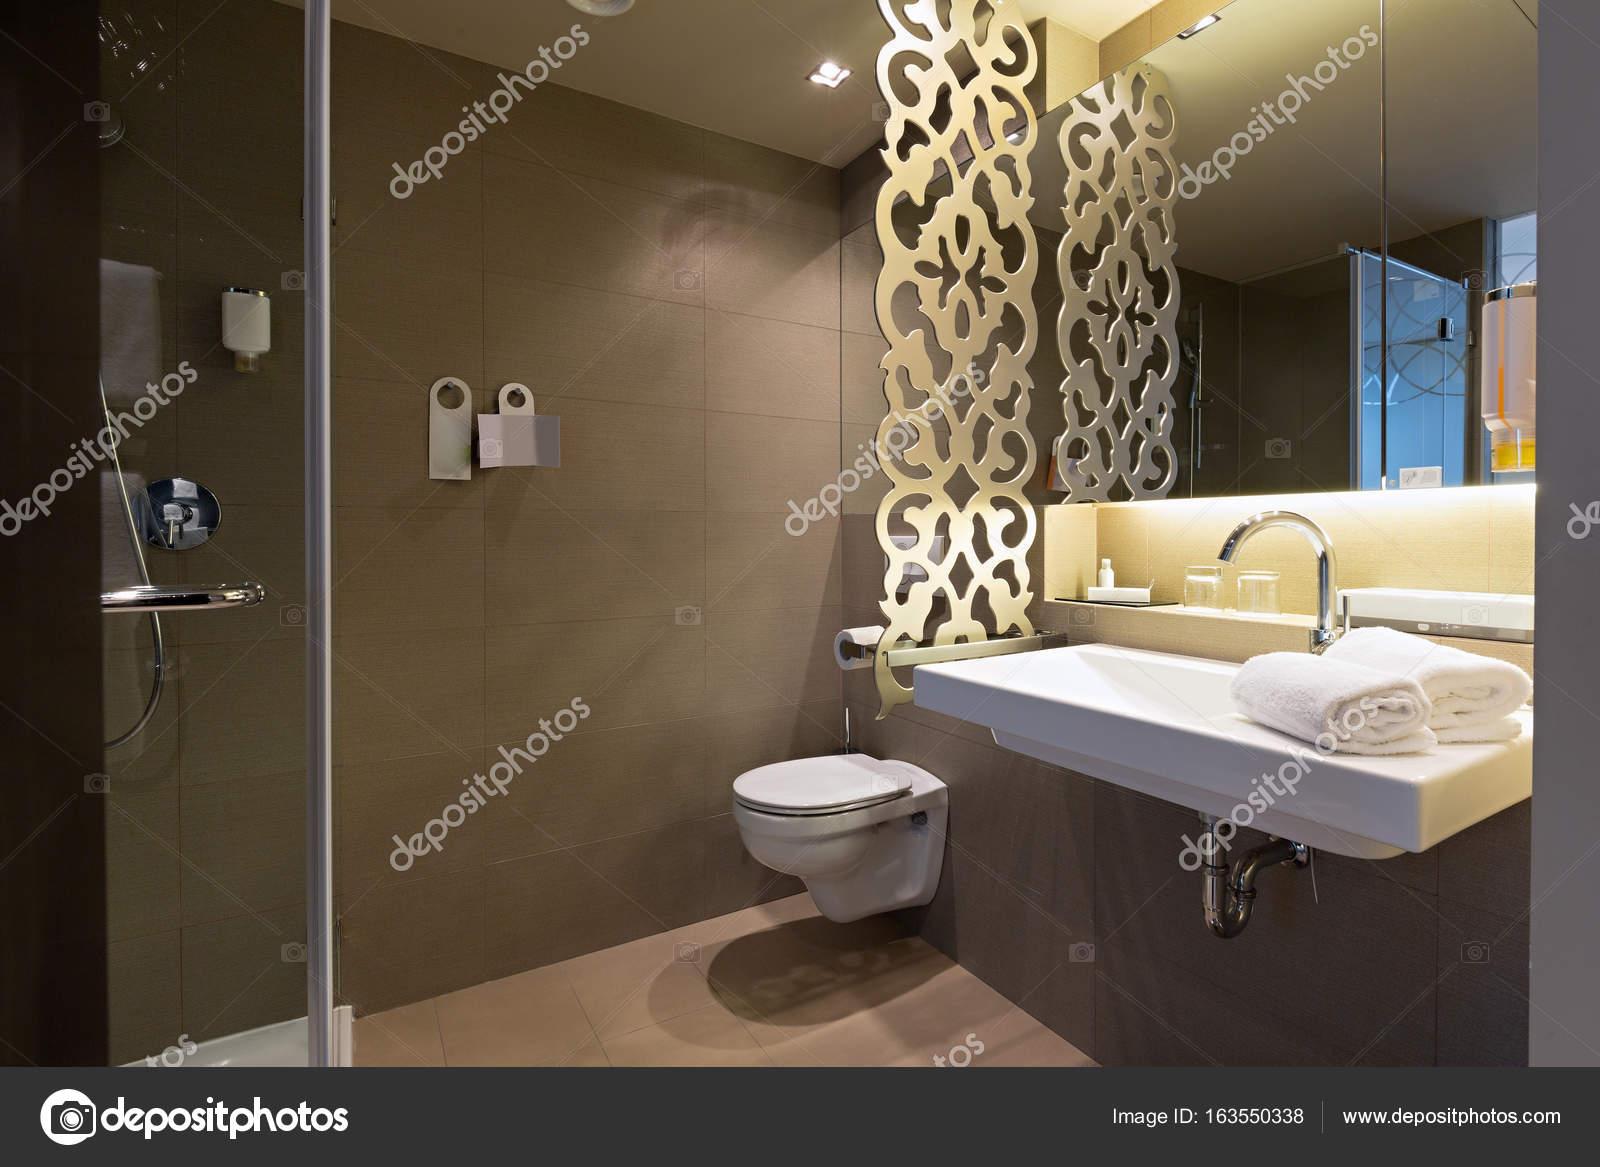 Sala Da Bagno Lusso : Interiore della stanza da bagno in hotel di lusso u foto stock